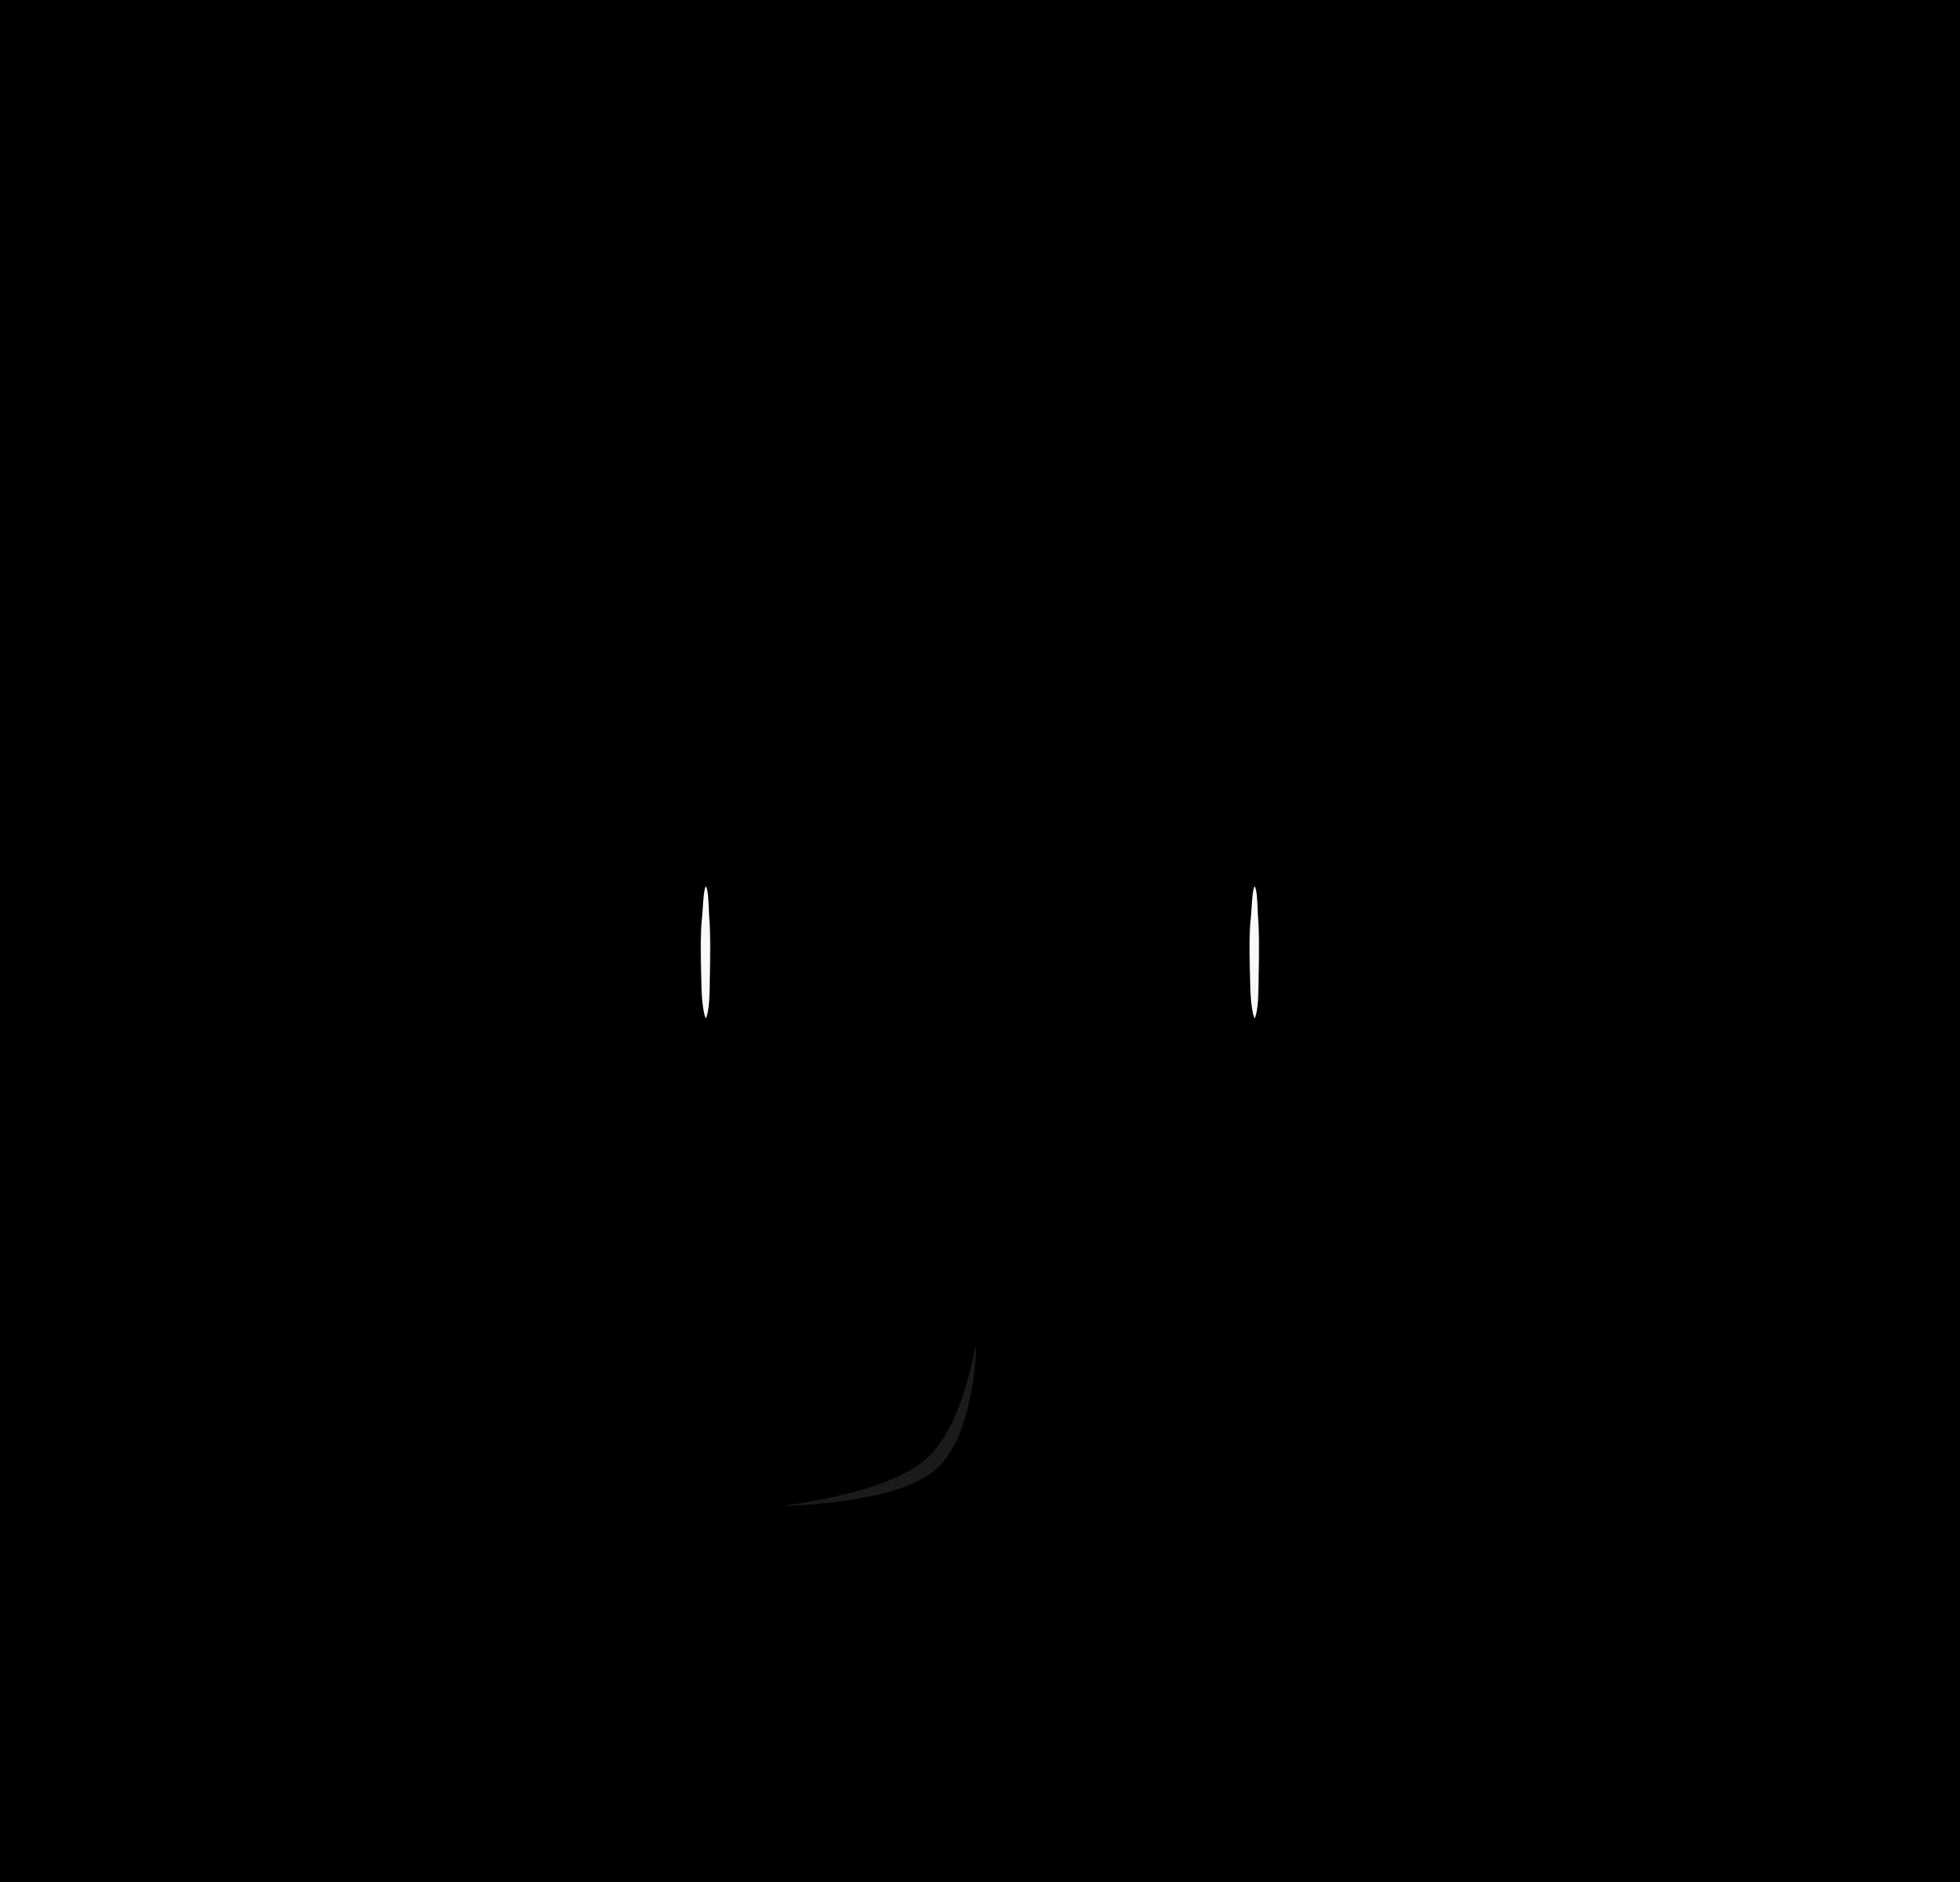 2400x2304 Cat Face Outline Clip Art